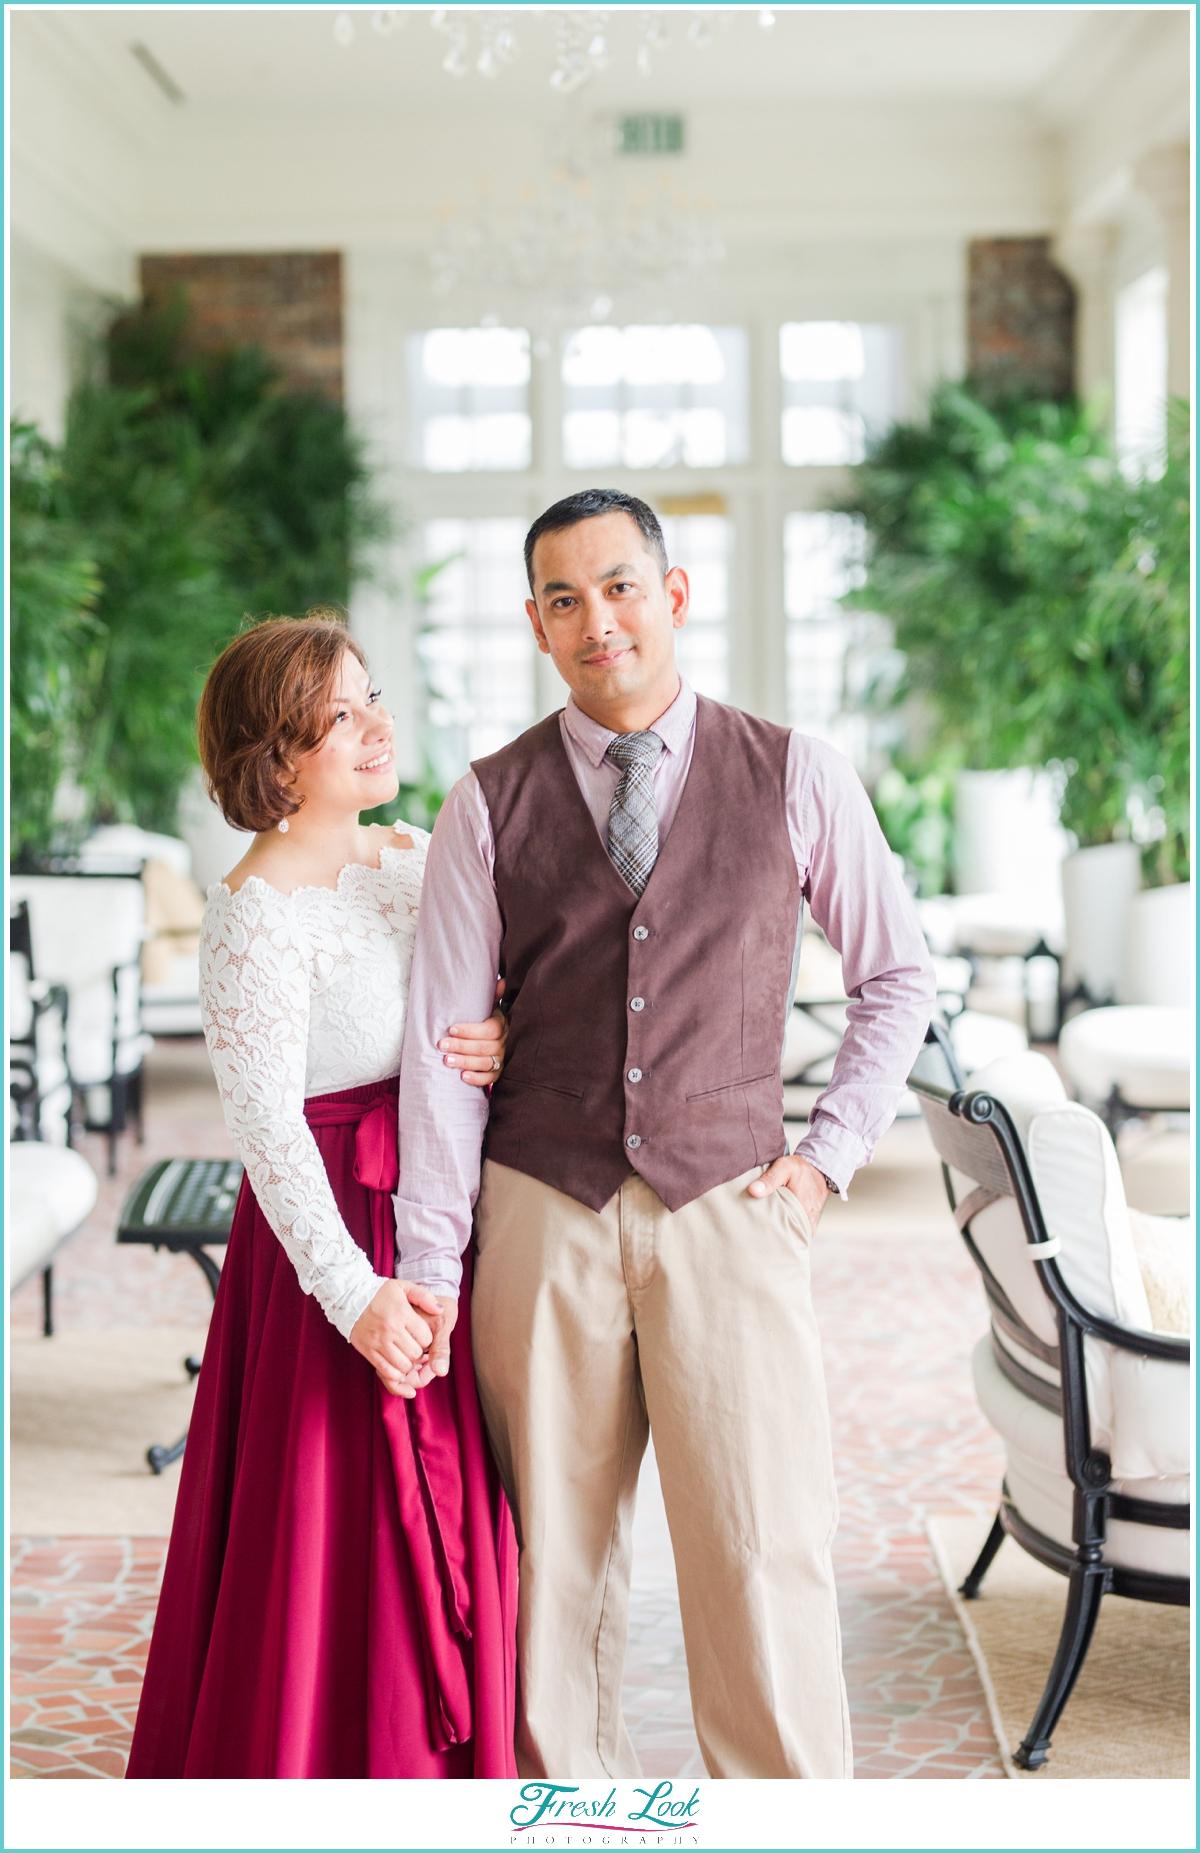 Romantic Couples anniversary photos